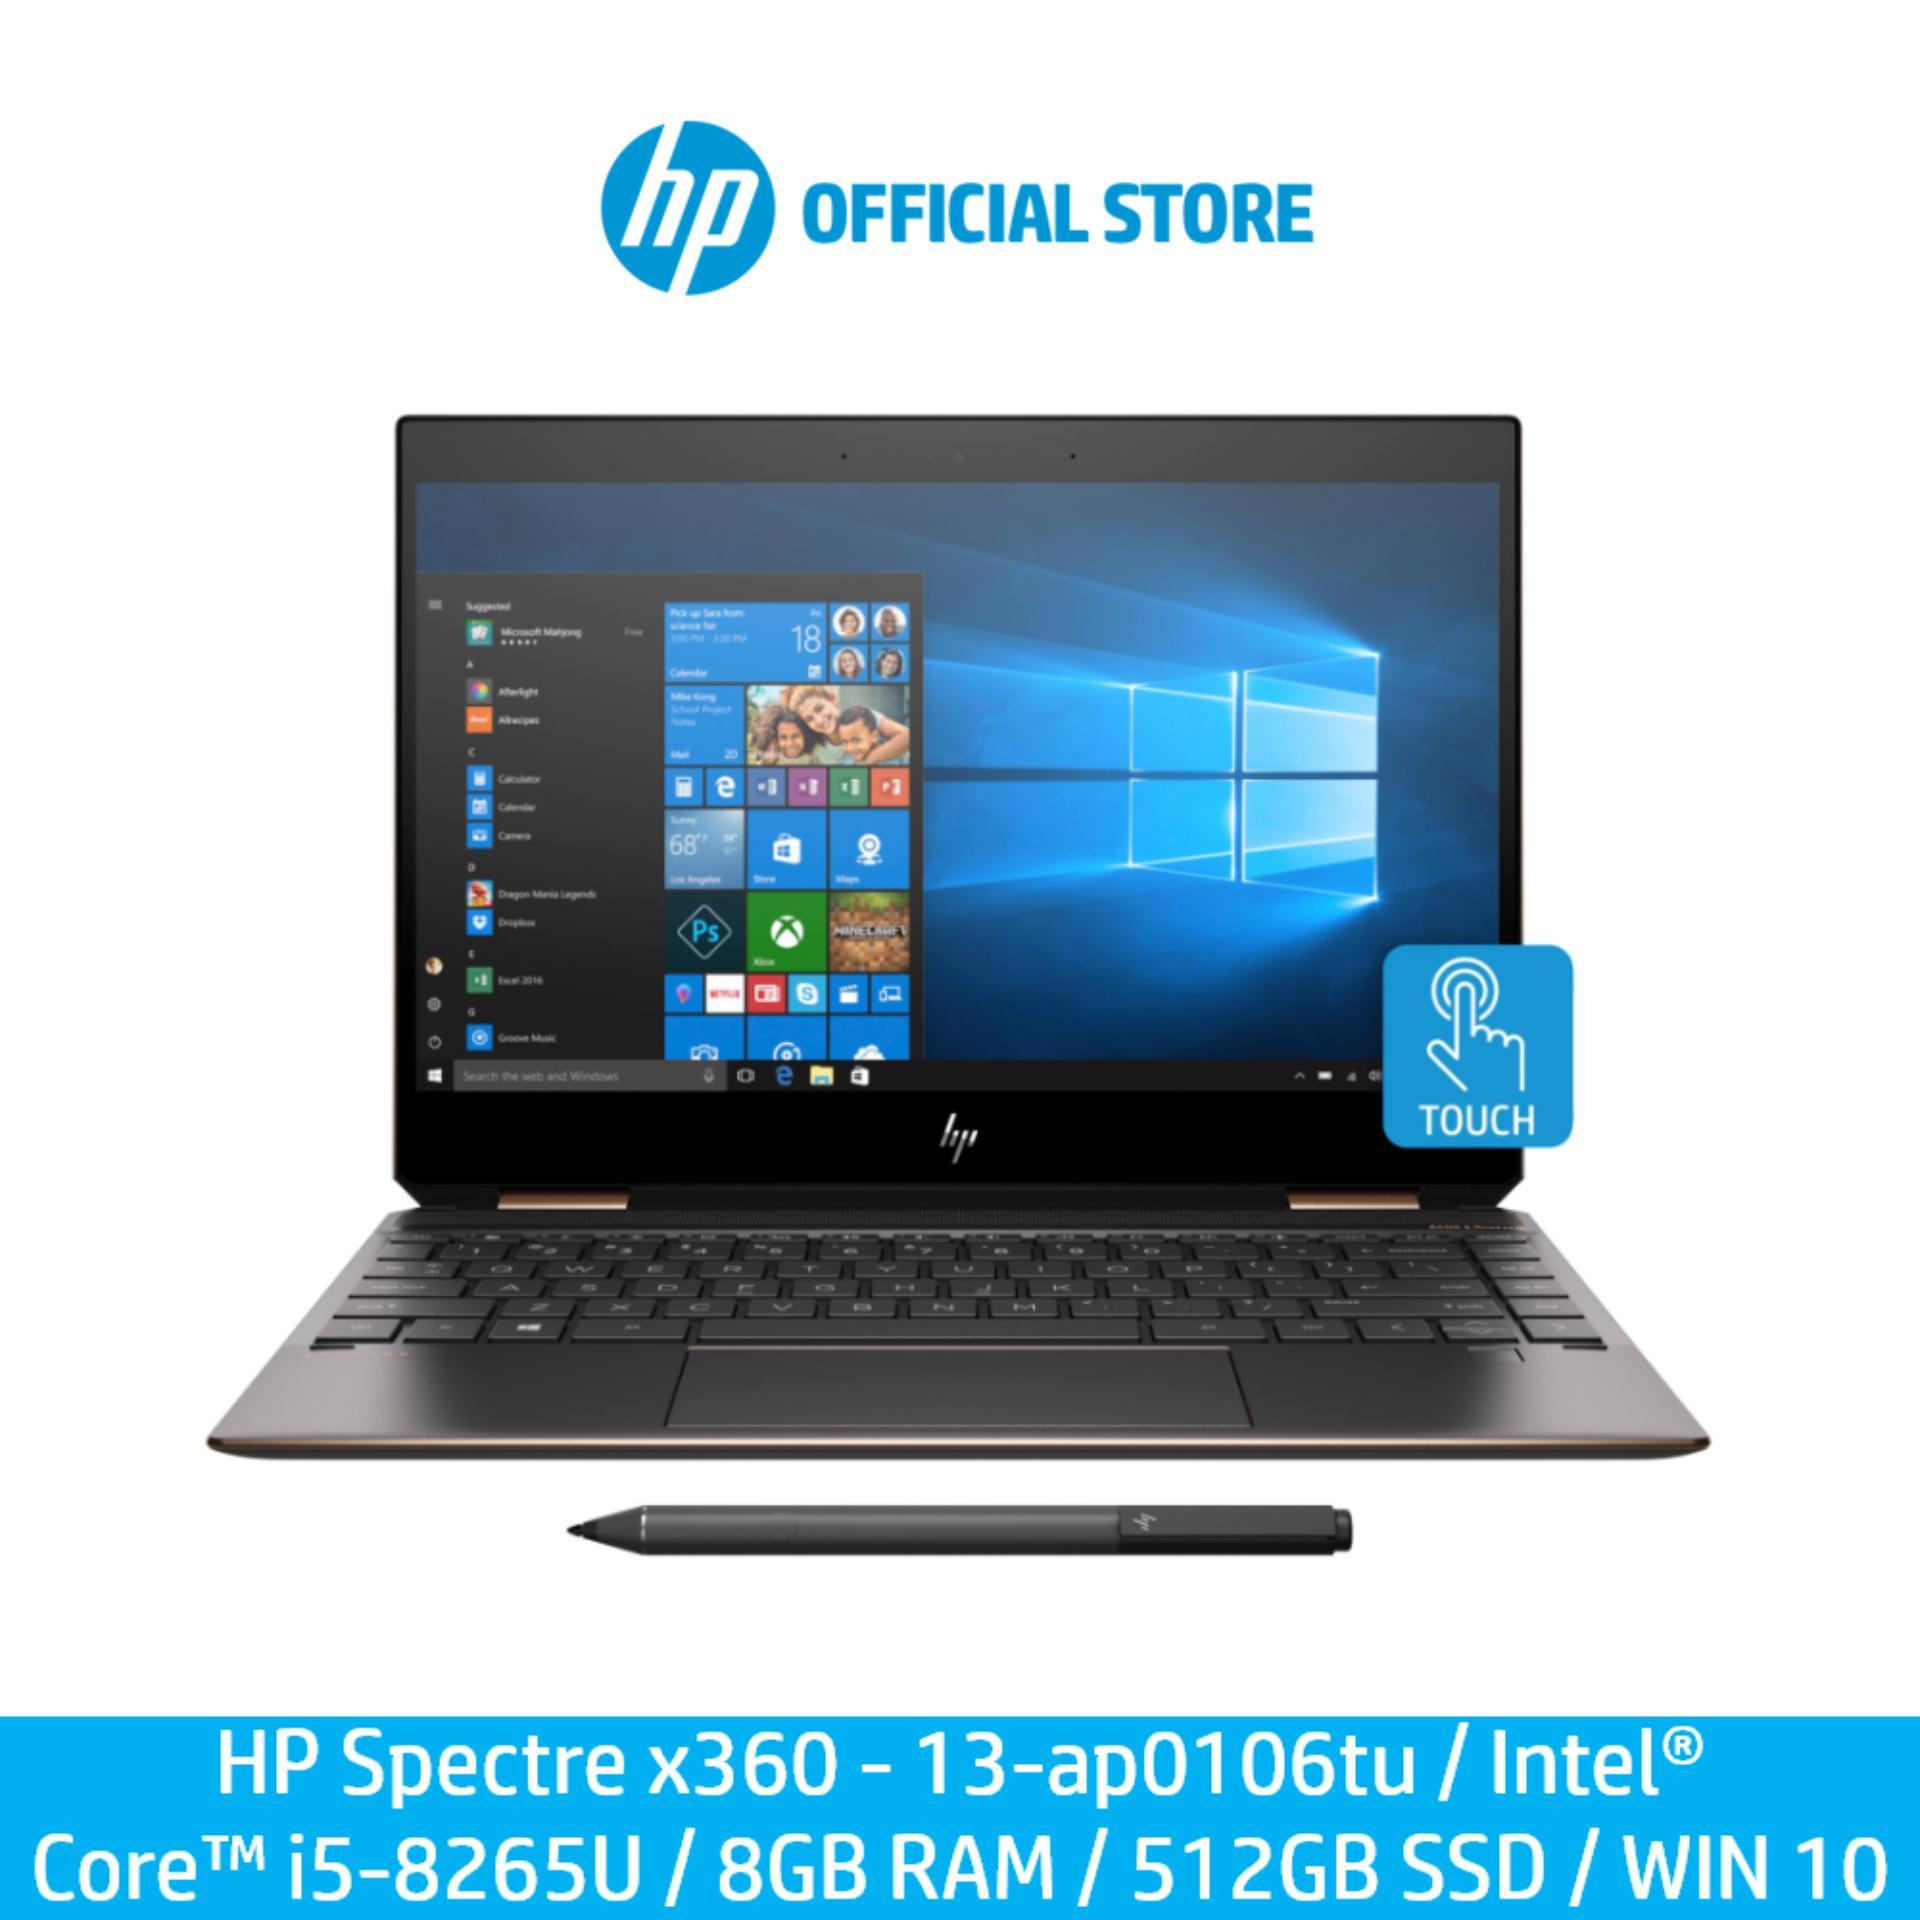 HP Spectre x360 - 13-ap0106tu / Intel® Core™ i5-8265U / 8GB RAM / 512GB SSD / WIN 10